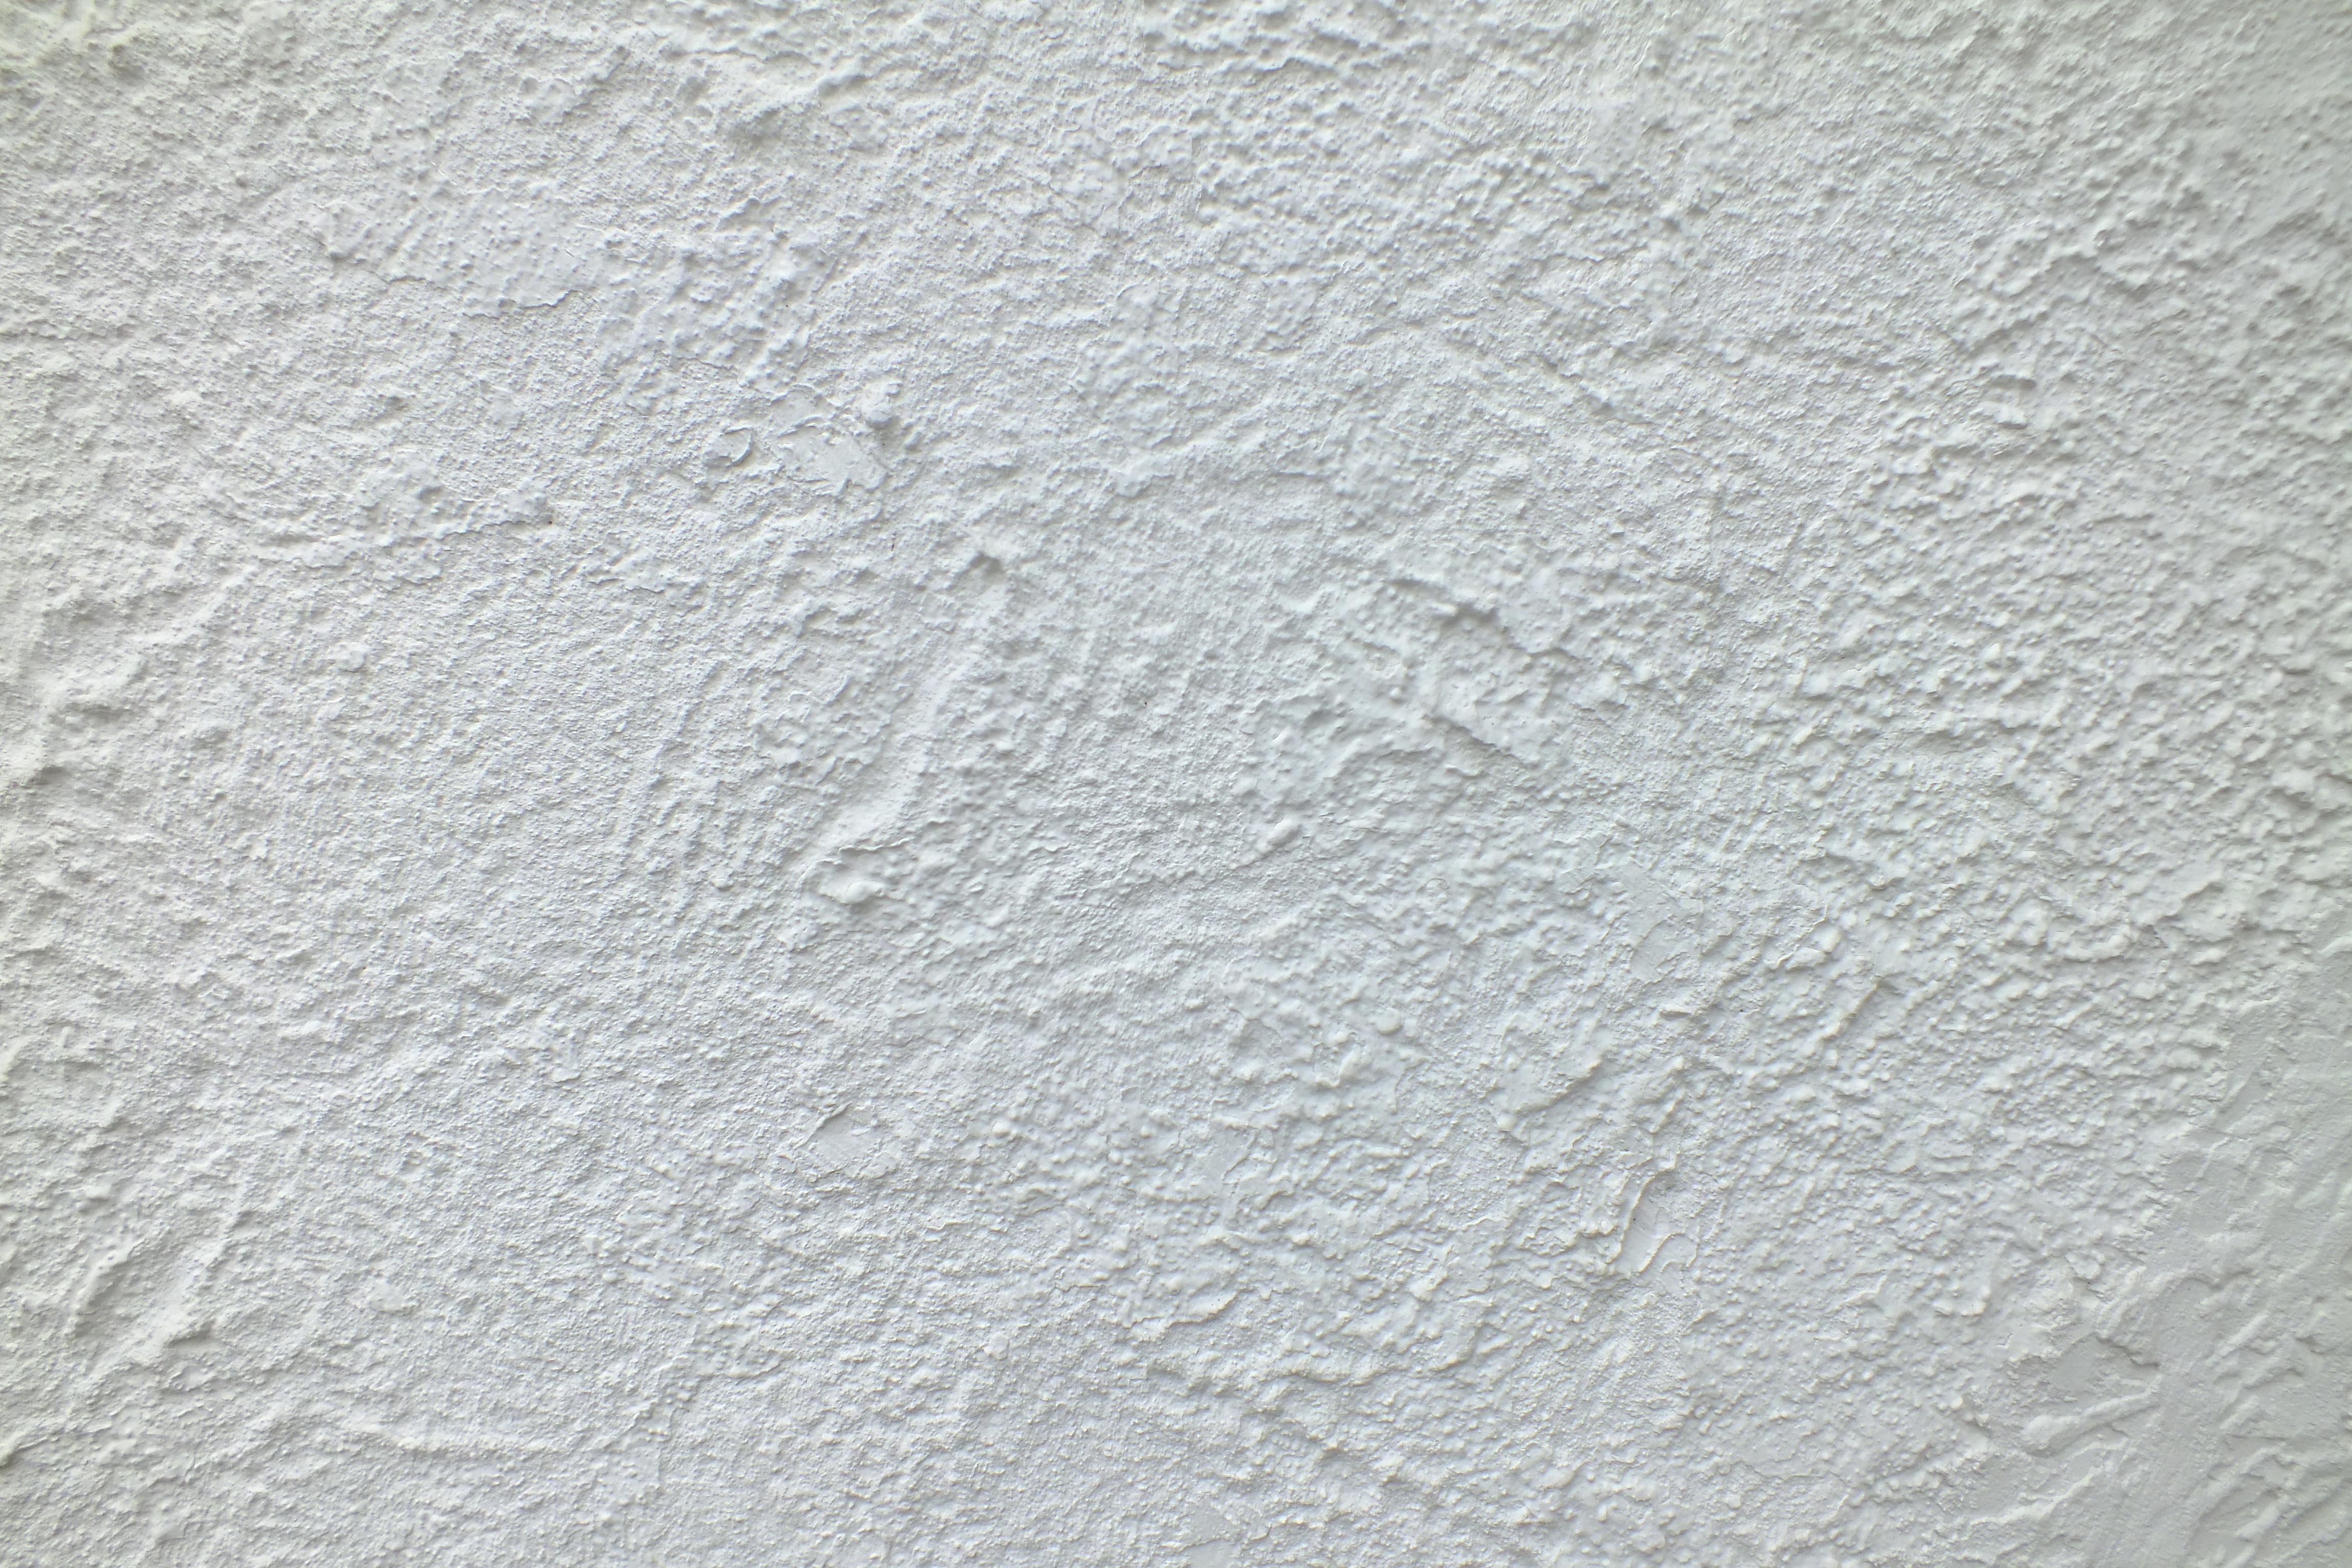 Stone wall, Gray, Grunge, Stone, Stucco, HQ Photo